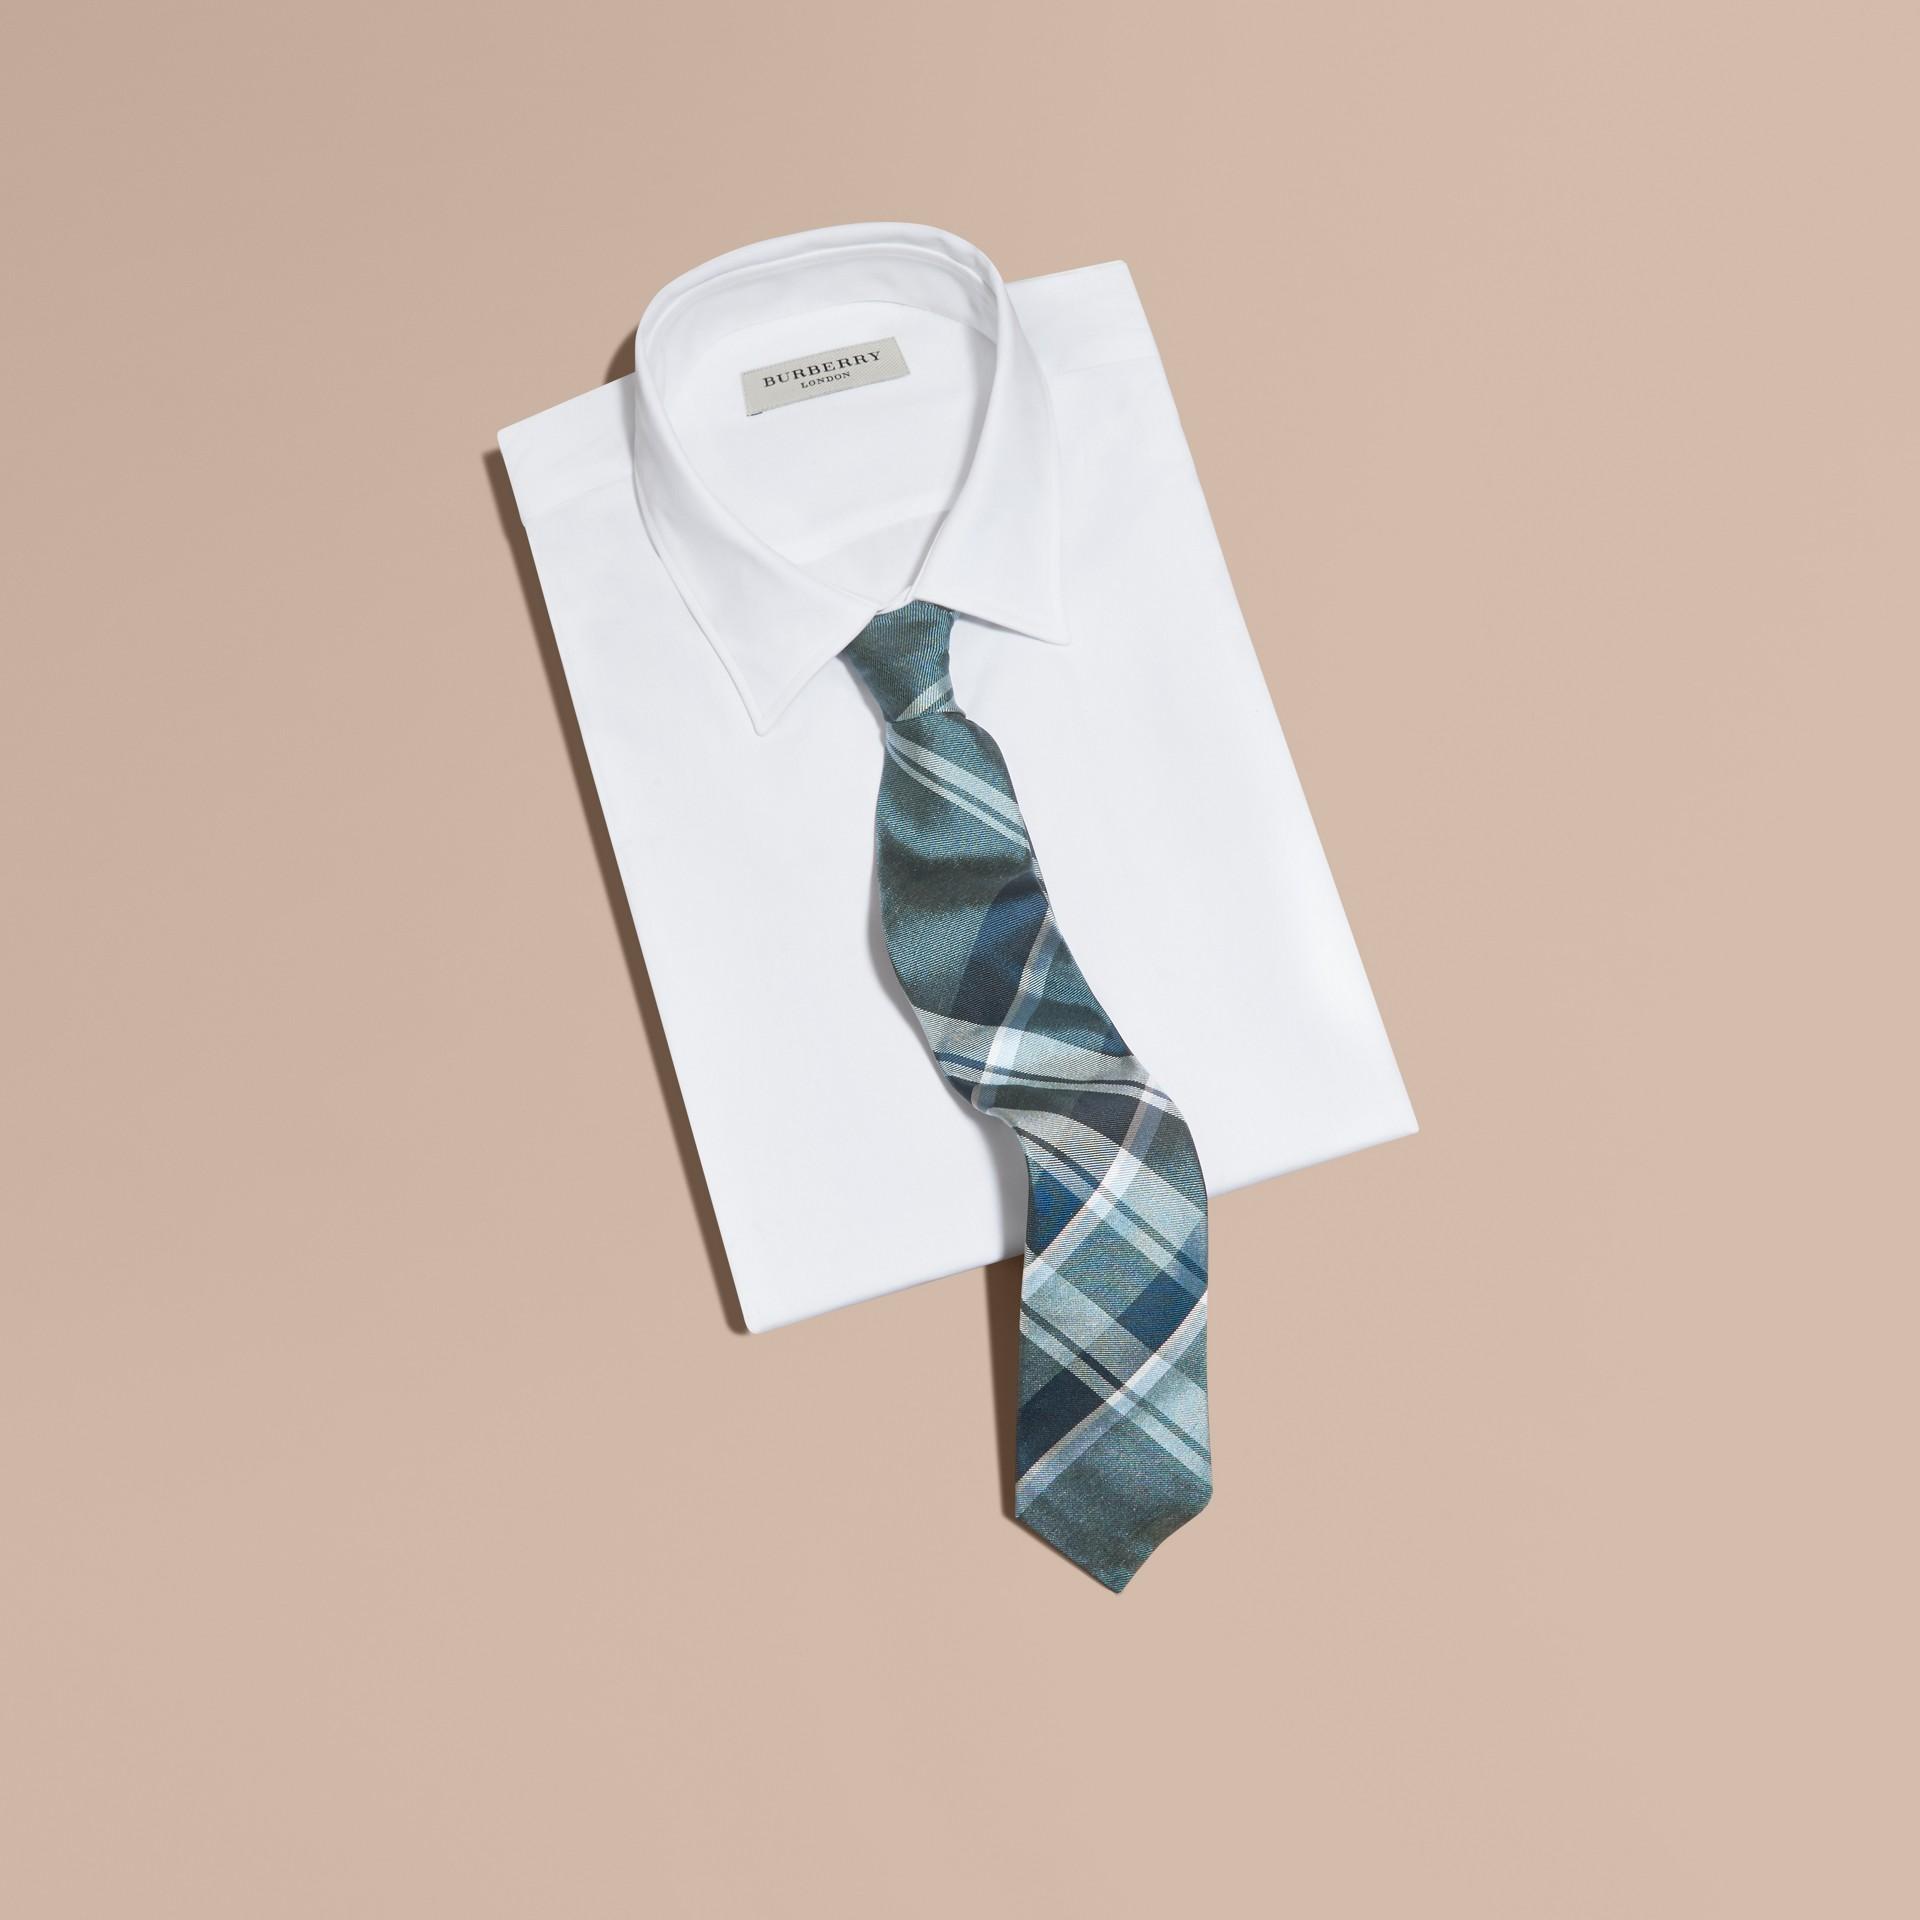 Pale celadon Modern Cut Check Jacquard Silk Tie Pale Celadon - gallery image 3